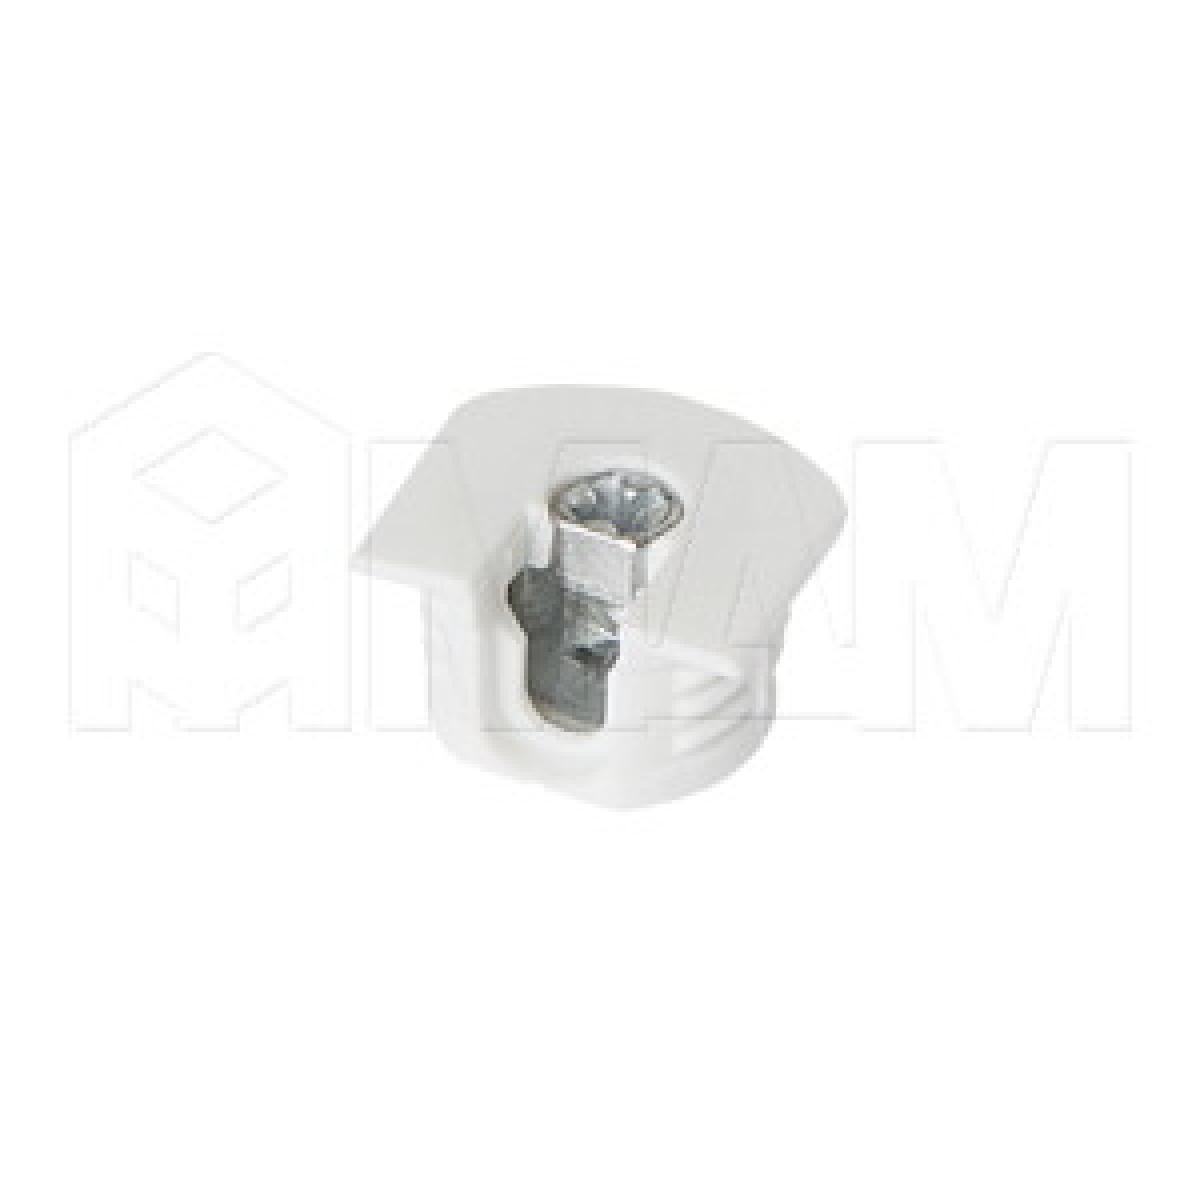 Эксцентрик усиленный в пластиковом корпусе 16 мм с бортиком, белый